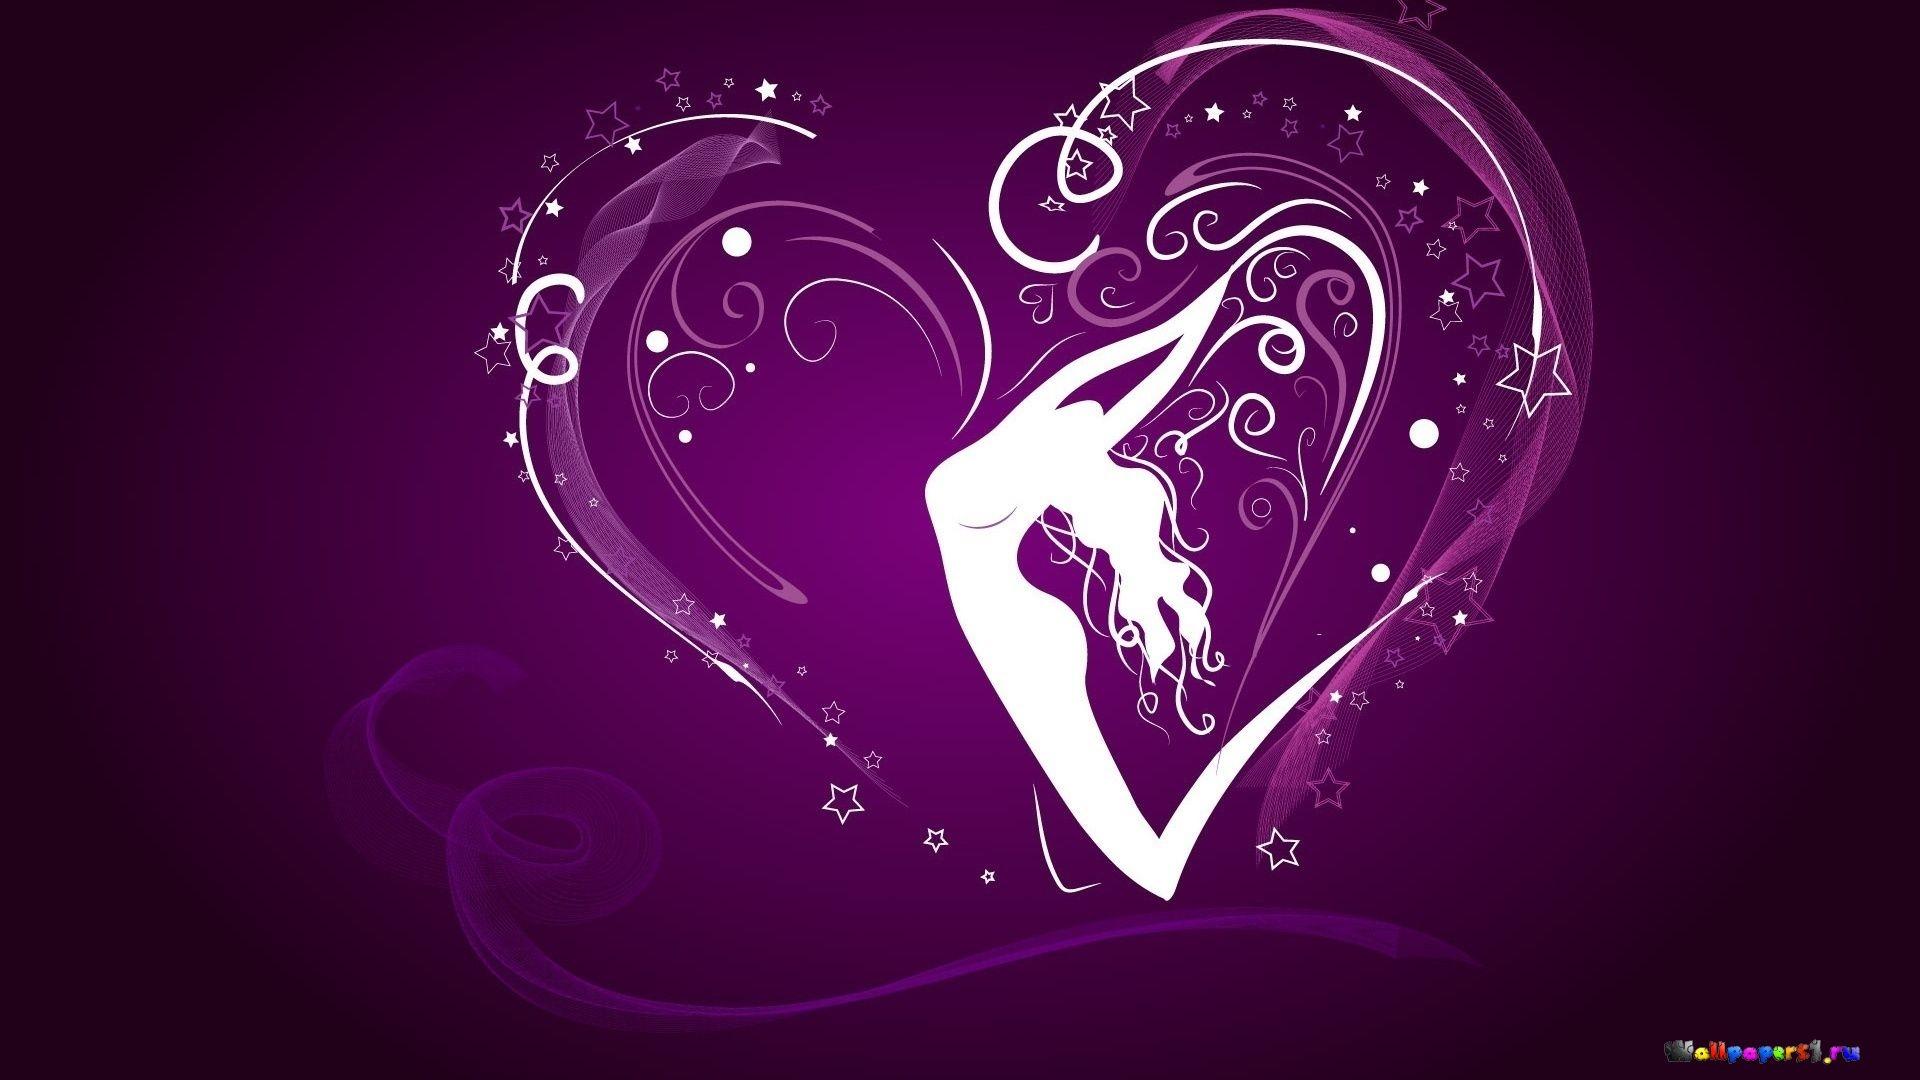 Картинки для рабочего стола любовь   скачать бесплатно (6)